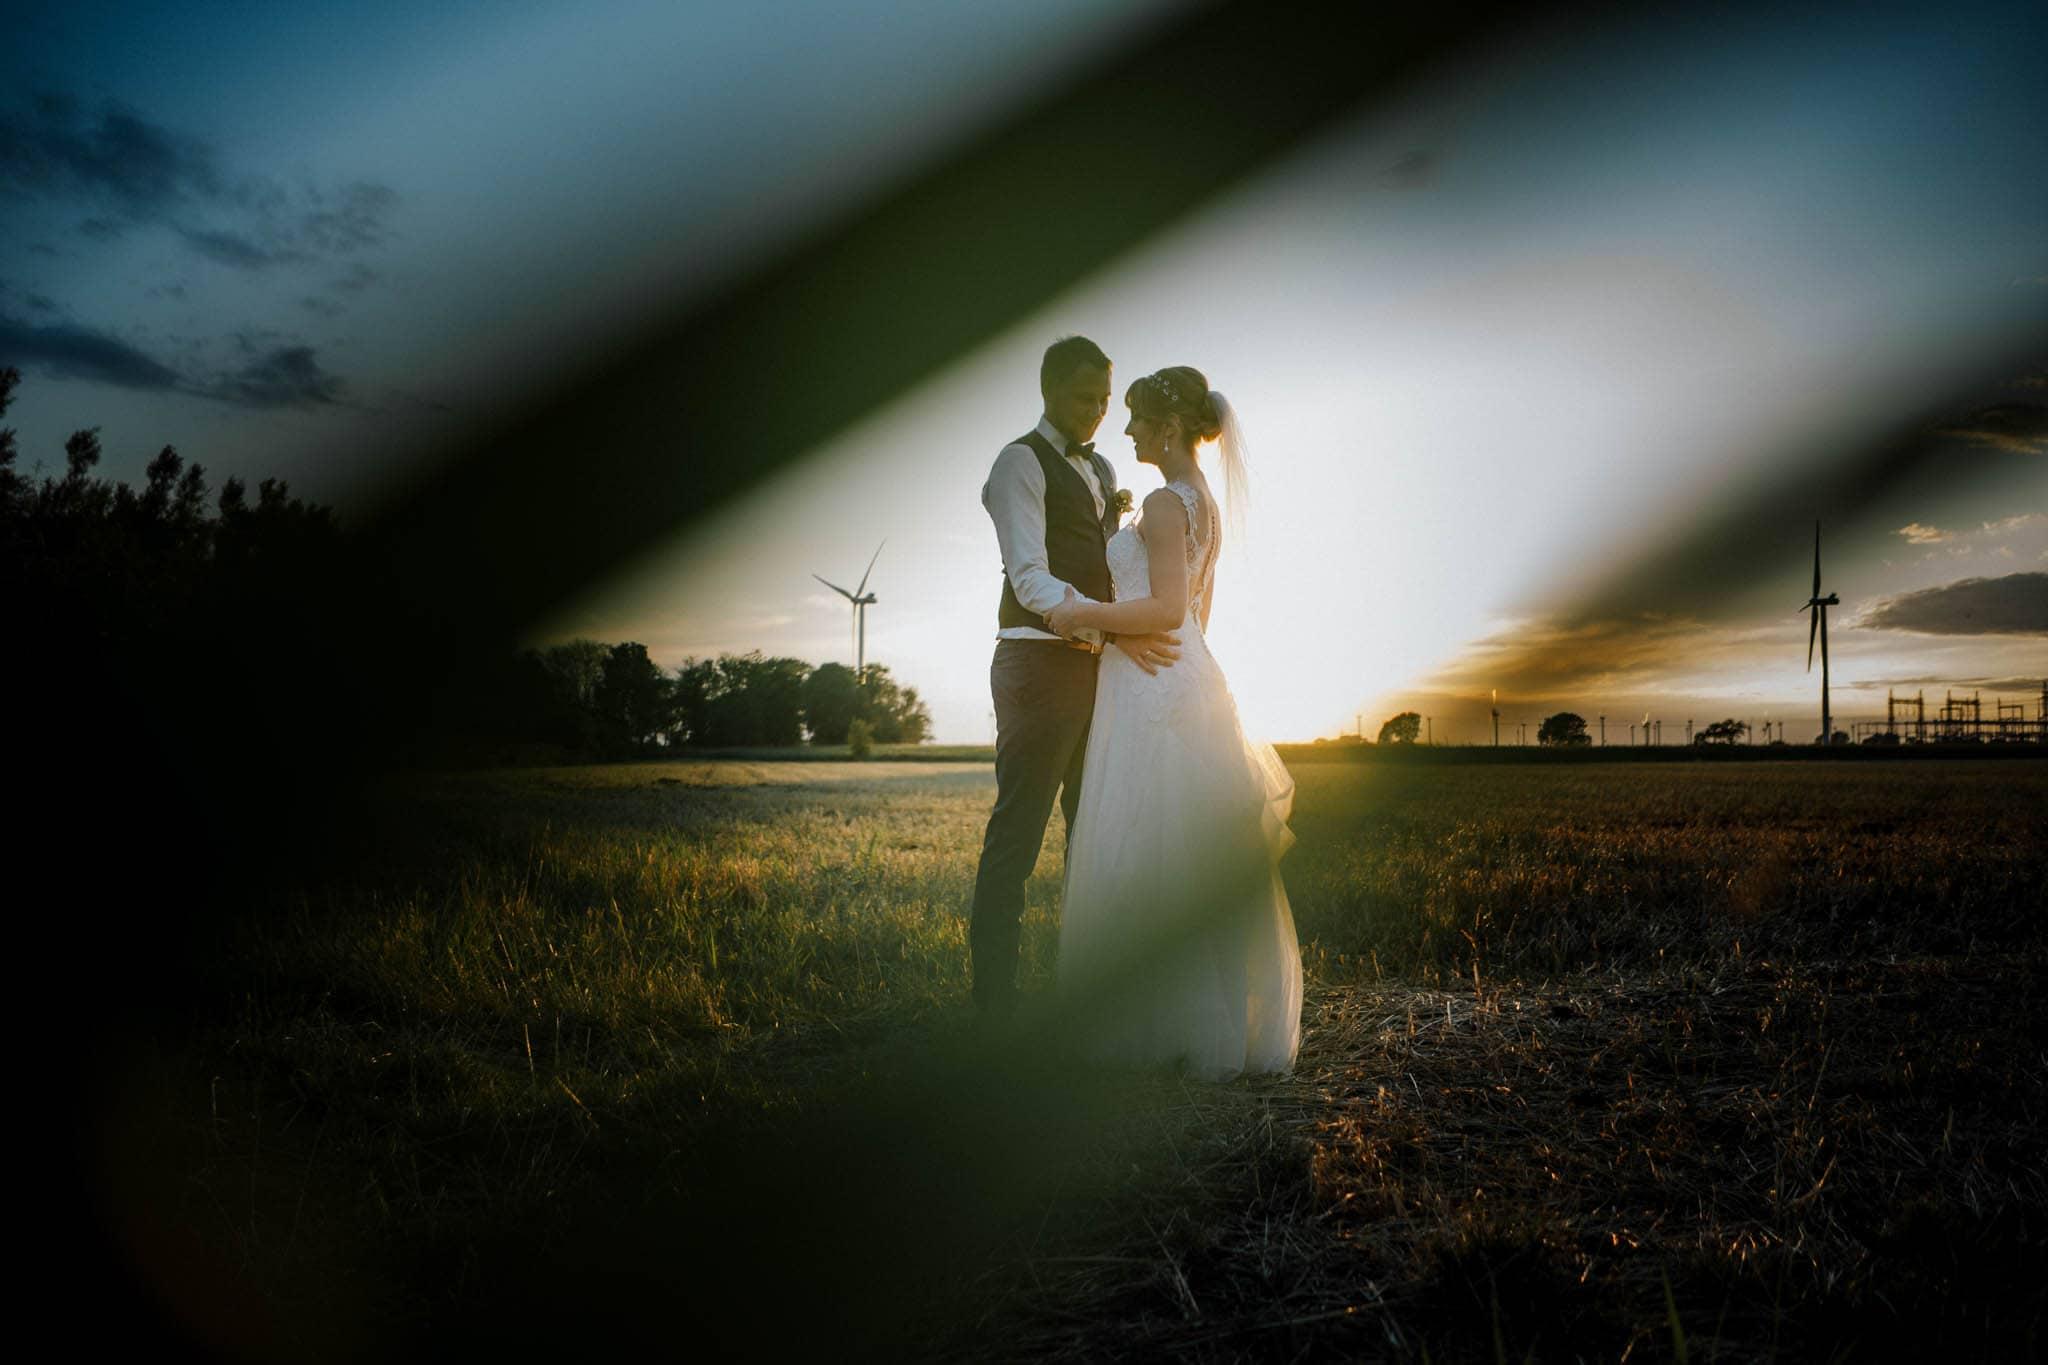 Hochzeitsfieber by Photo-Schomburg, Hoichzeitsfotograf, Hamburg, Wedding, Weddingtime, Hochzeitspaar, Braut, Bräutigam, Hochzeit im Norden,-128